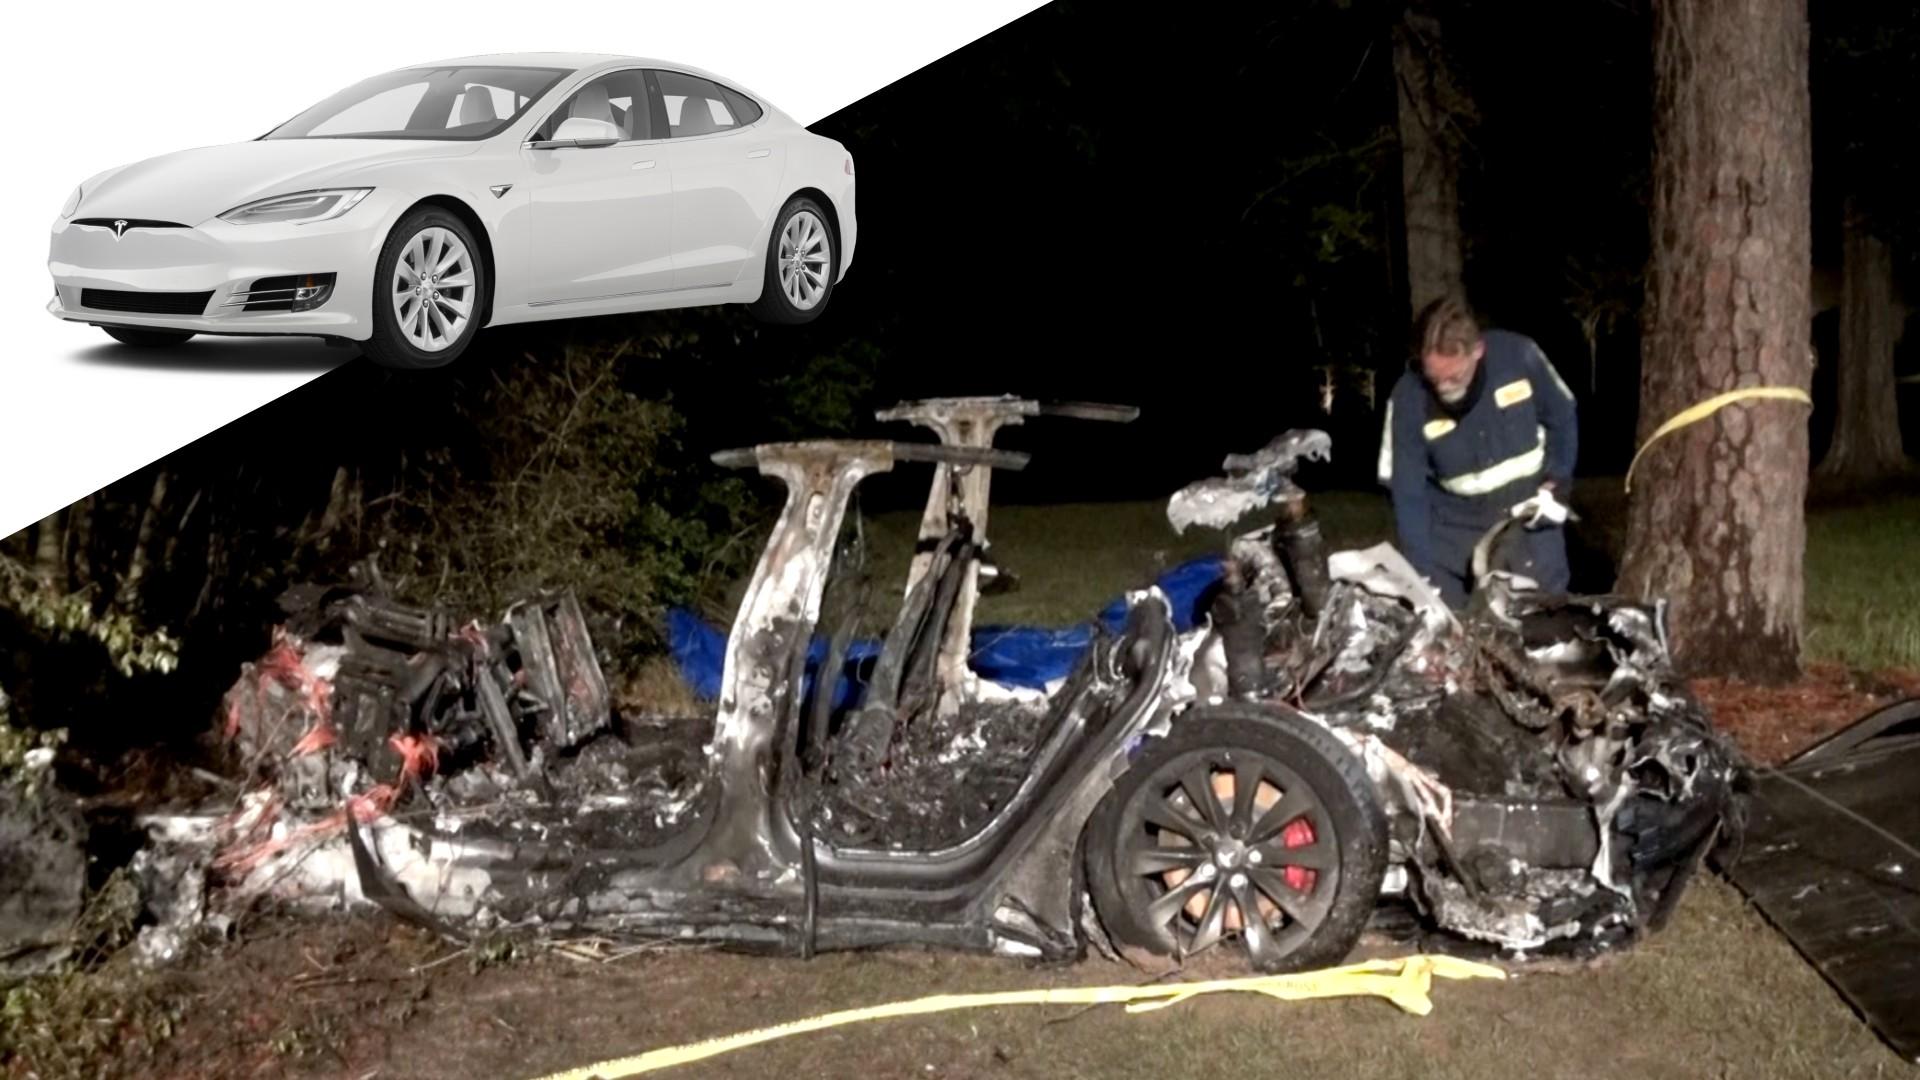 Έρευνα για τροχαίο με δύο νεκρούς σε Tesla που πήγαινε… χωρίς οδηγό! (pics)